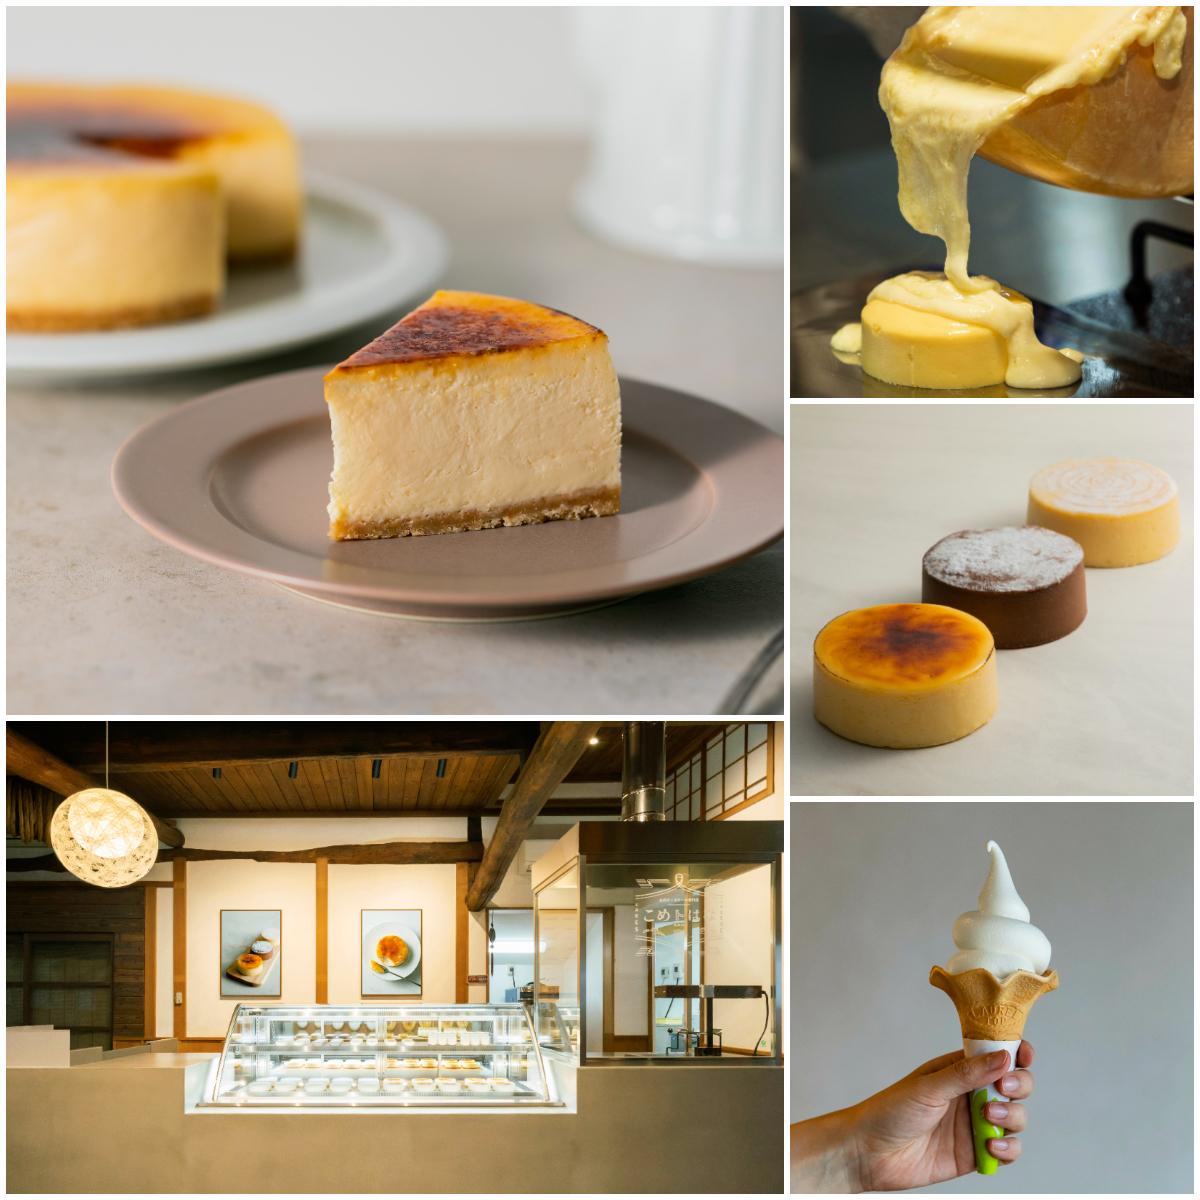 金沢チーズケーキ専門店大野町発!ご当地チーズケーキ専門店『こめトはな』オープン。